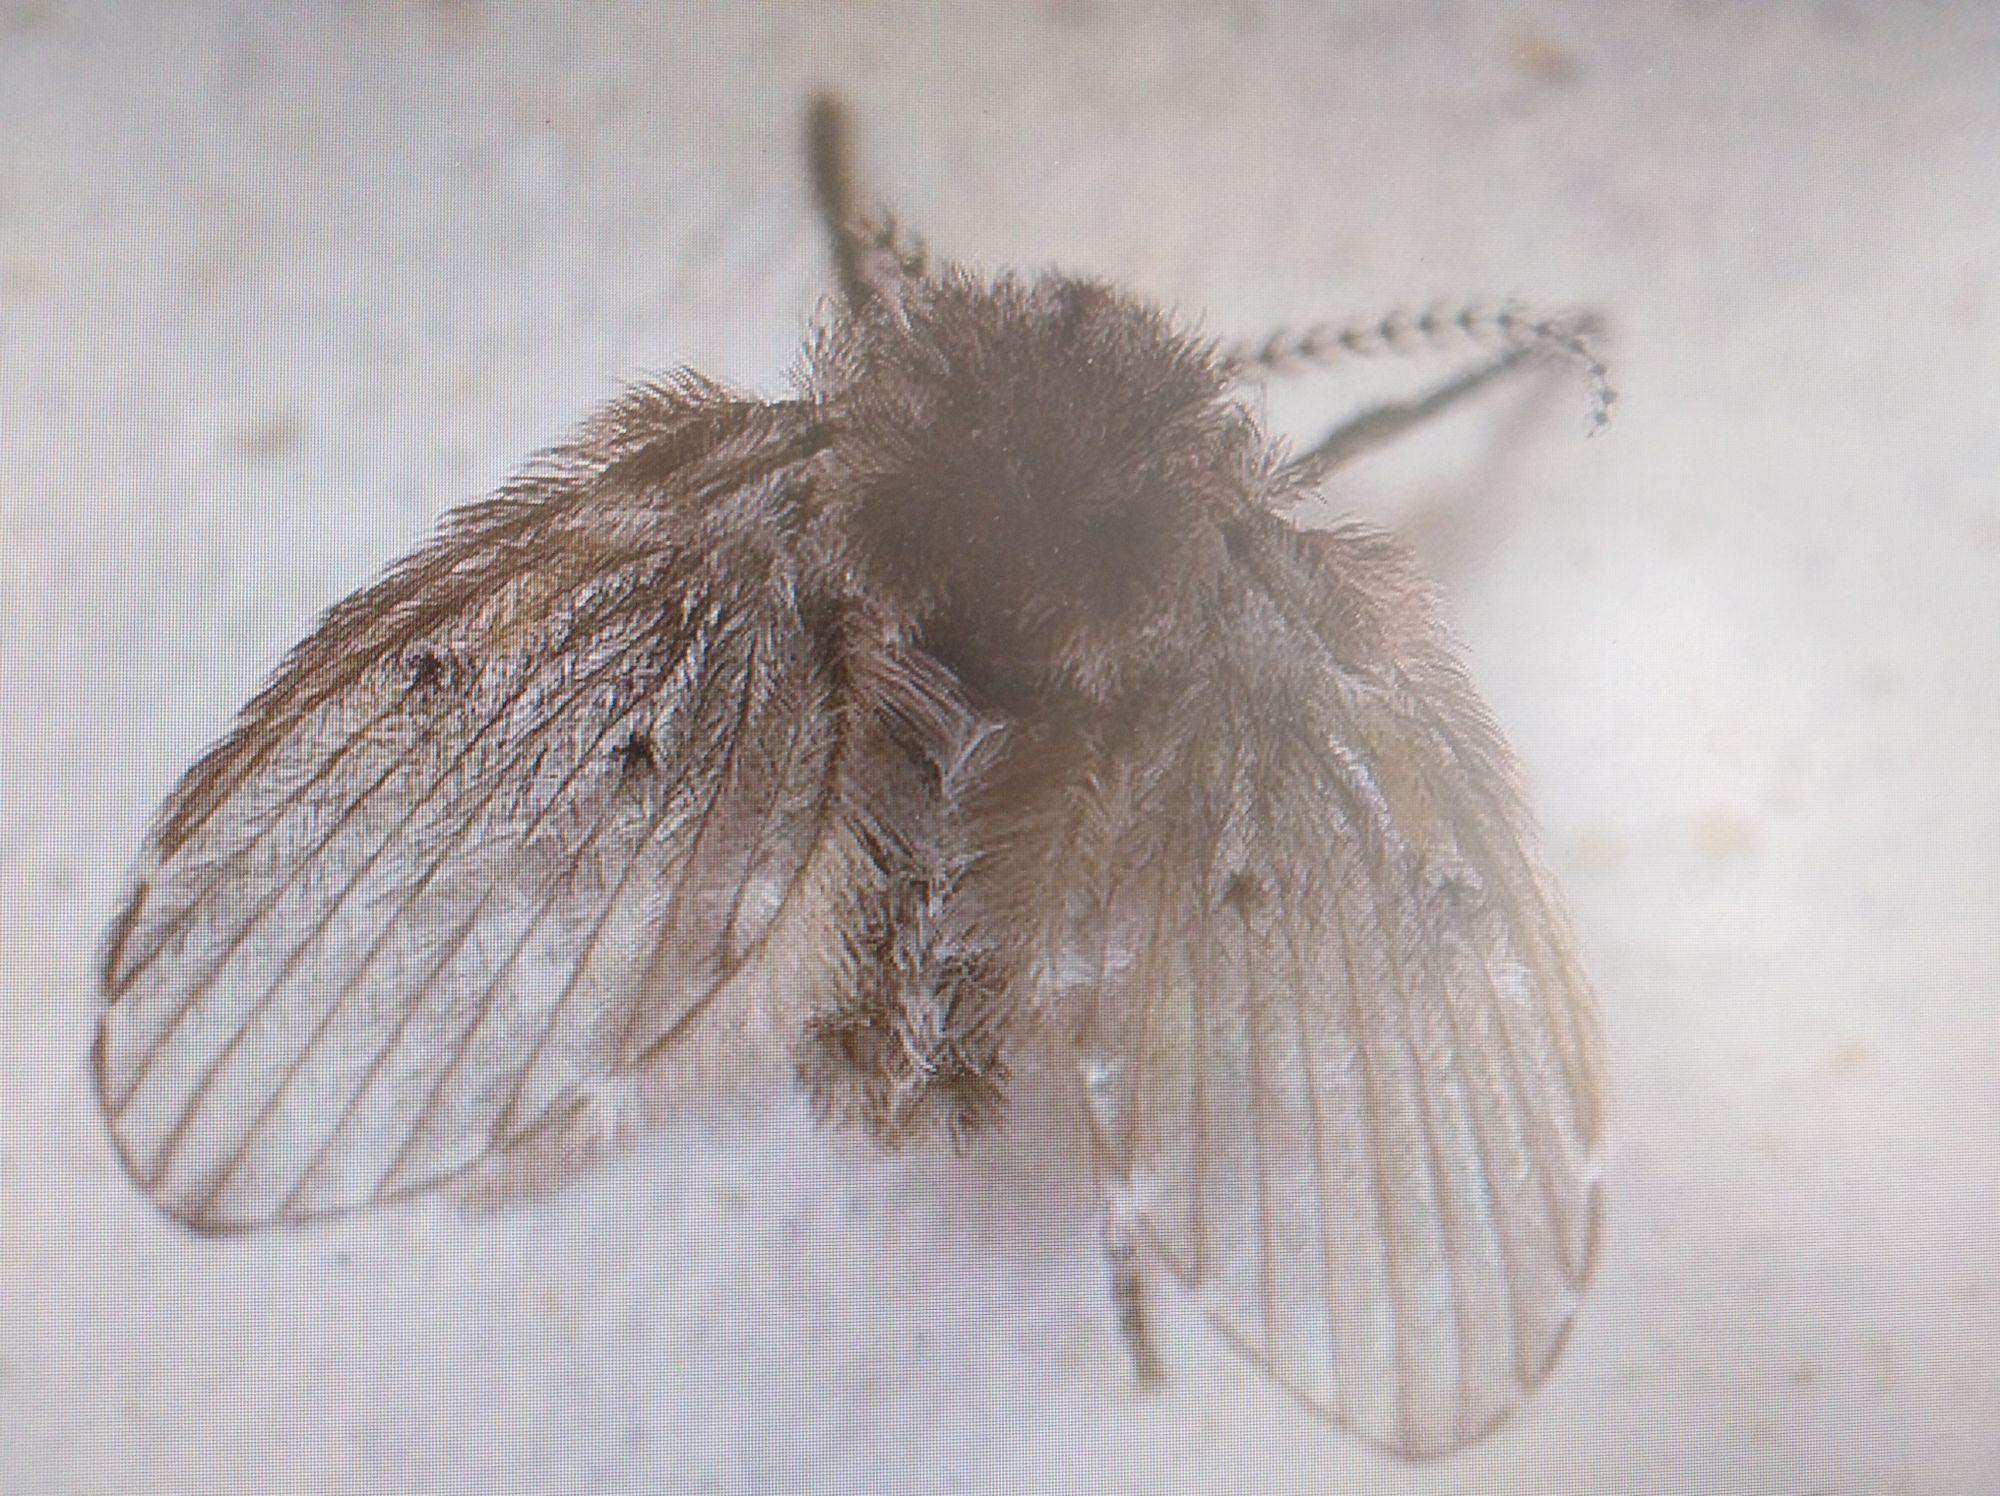 卫生间里的小飞虫是什么?只需三步,就能彻底杜绝